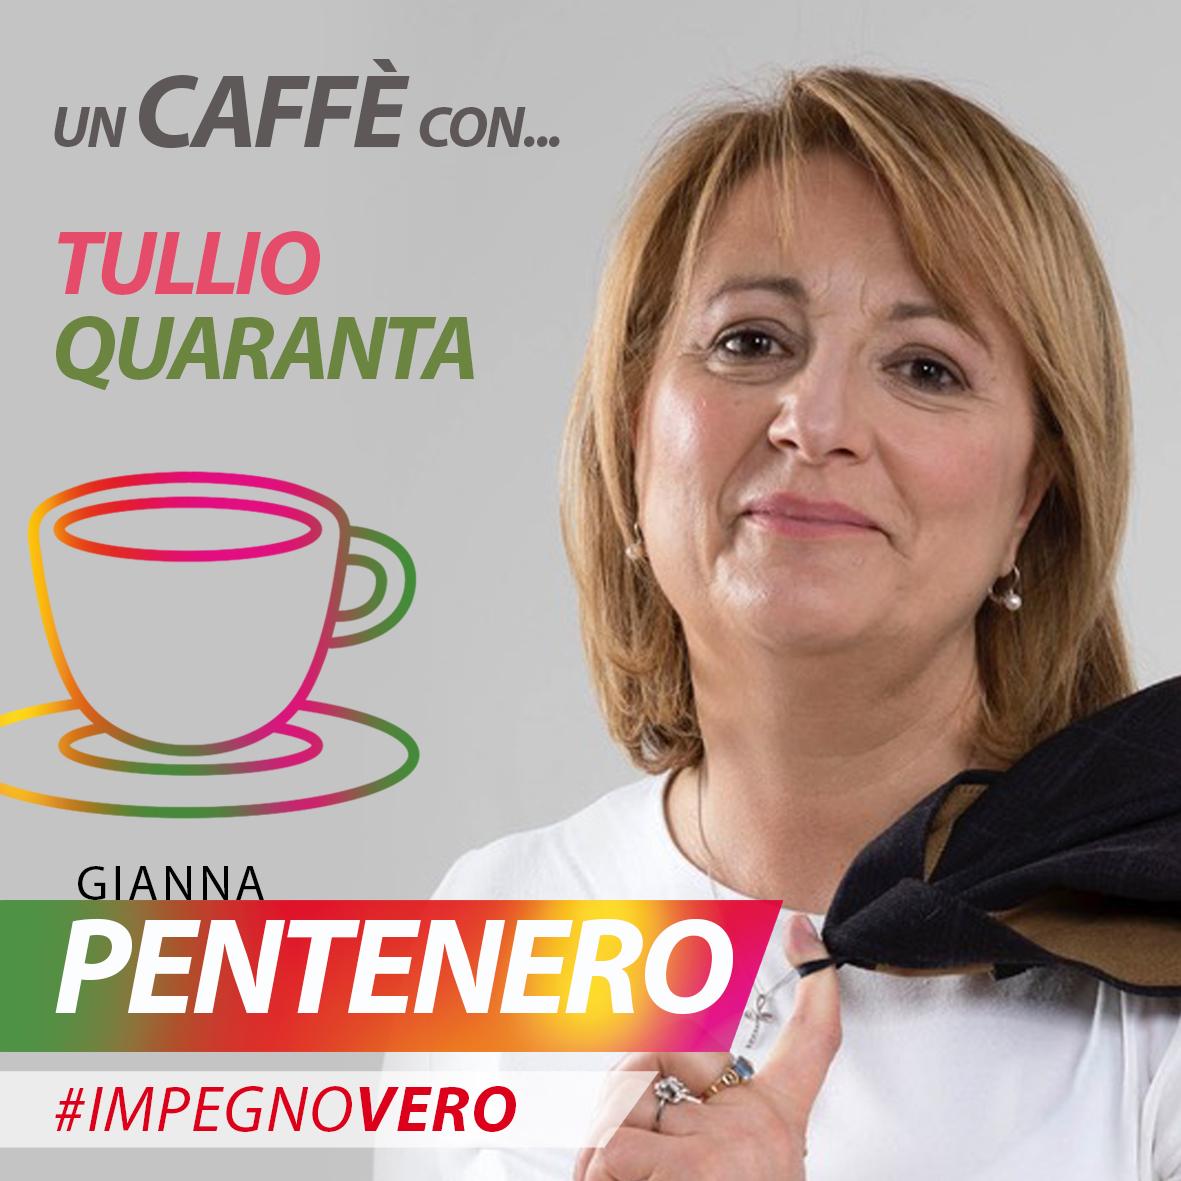 Pentenero_caffè_Quaranta